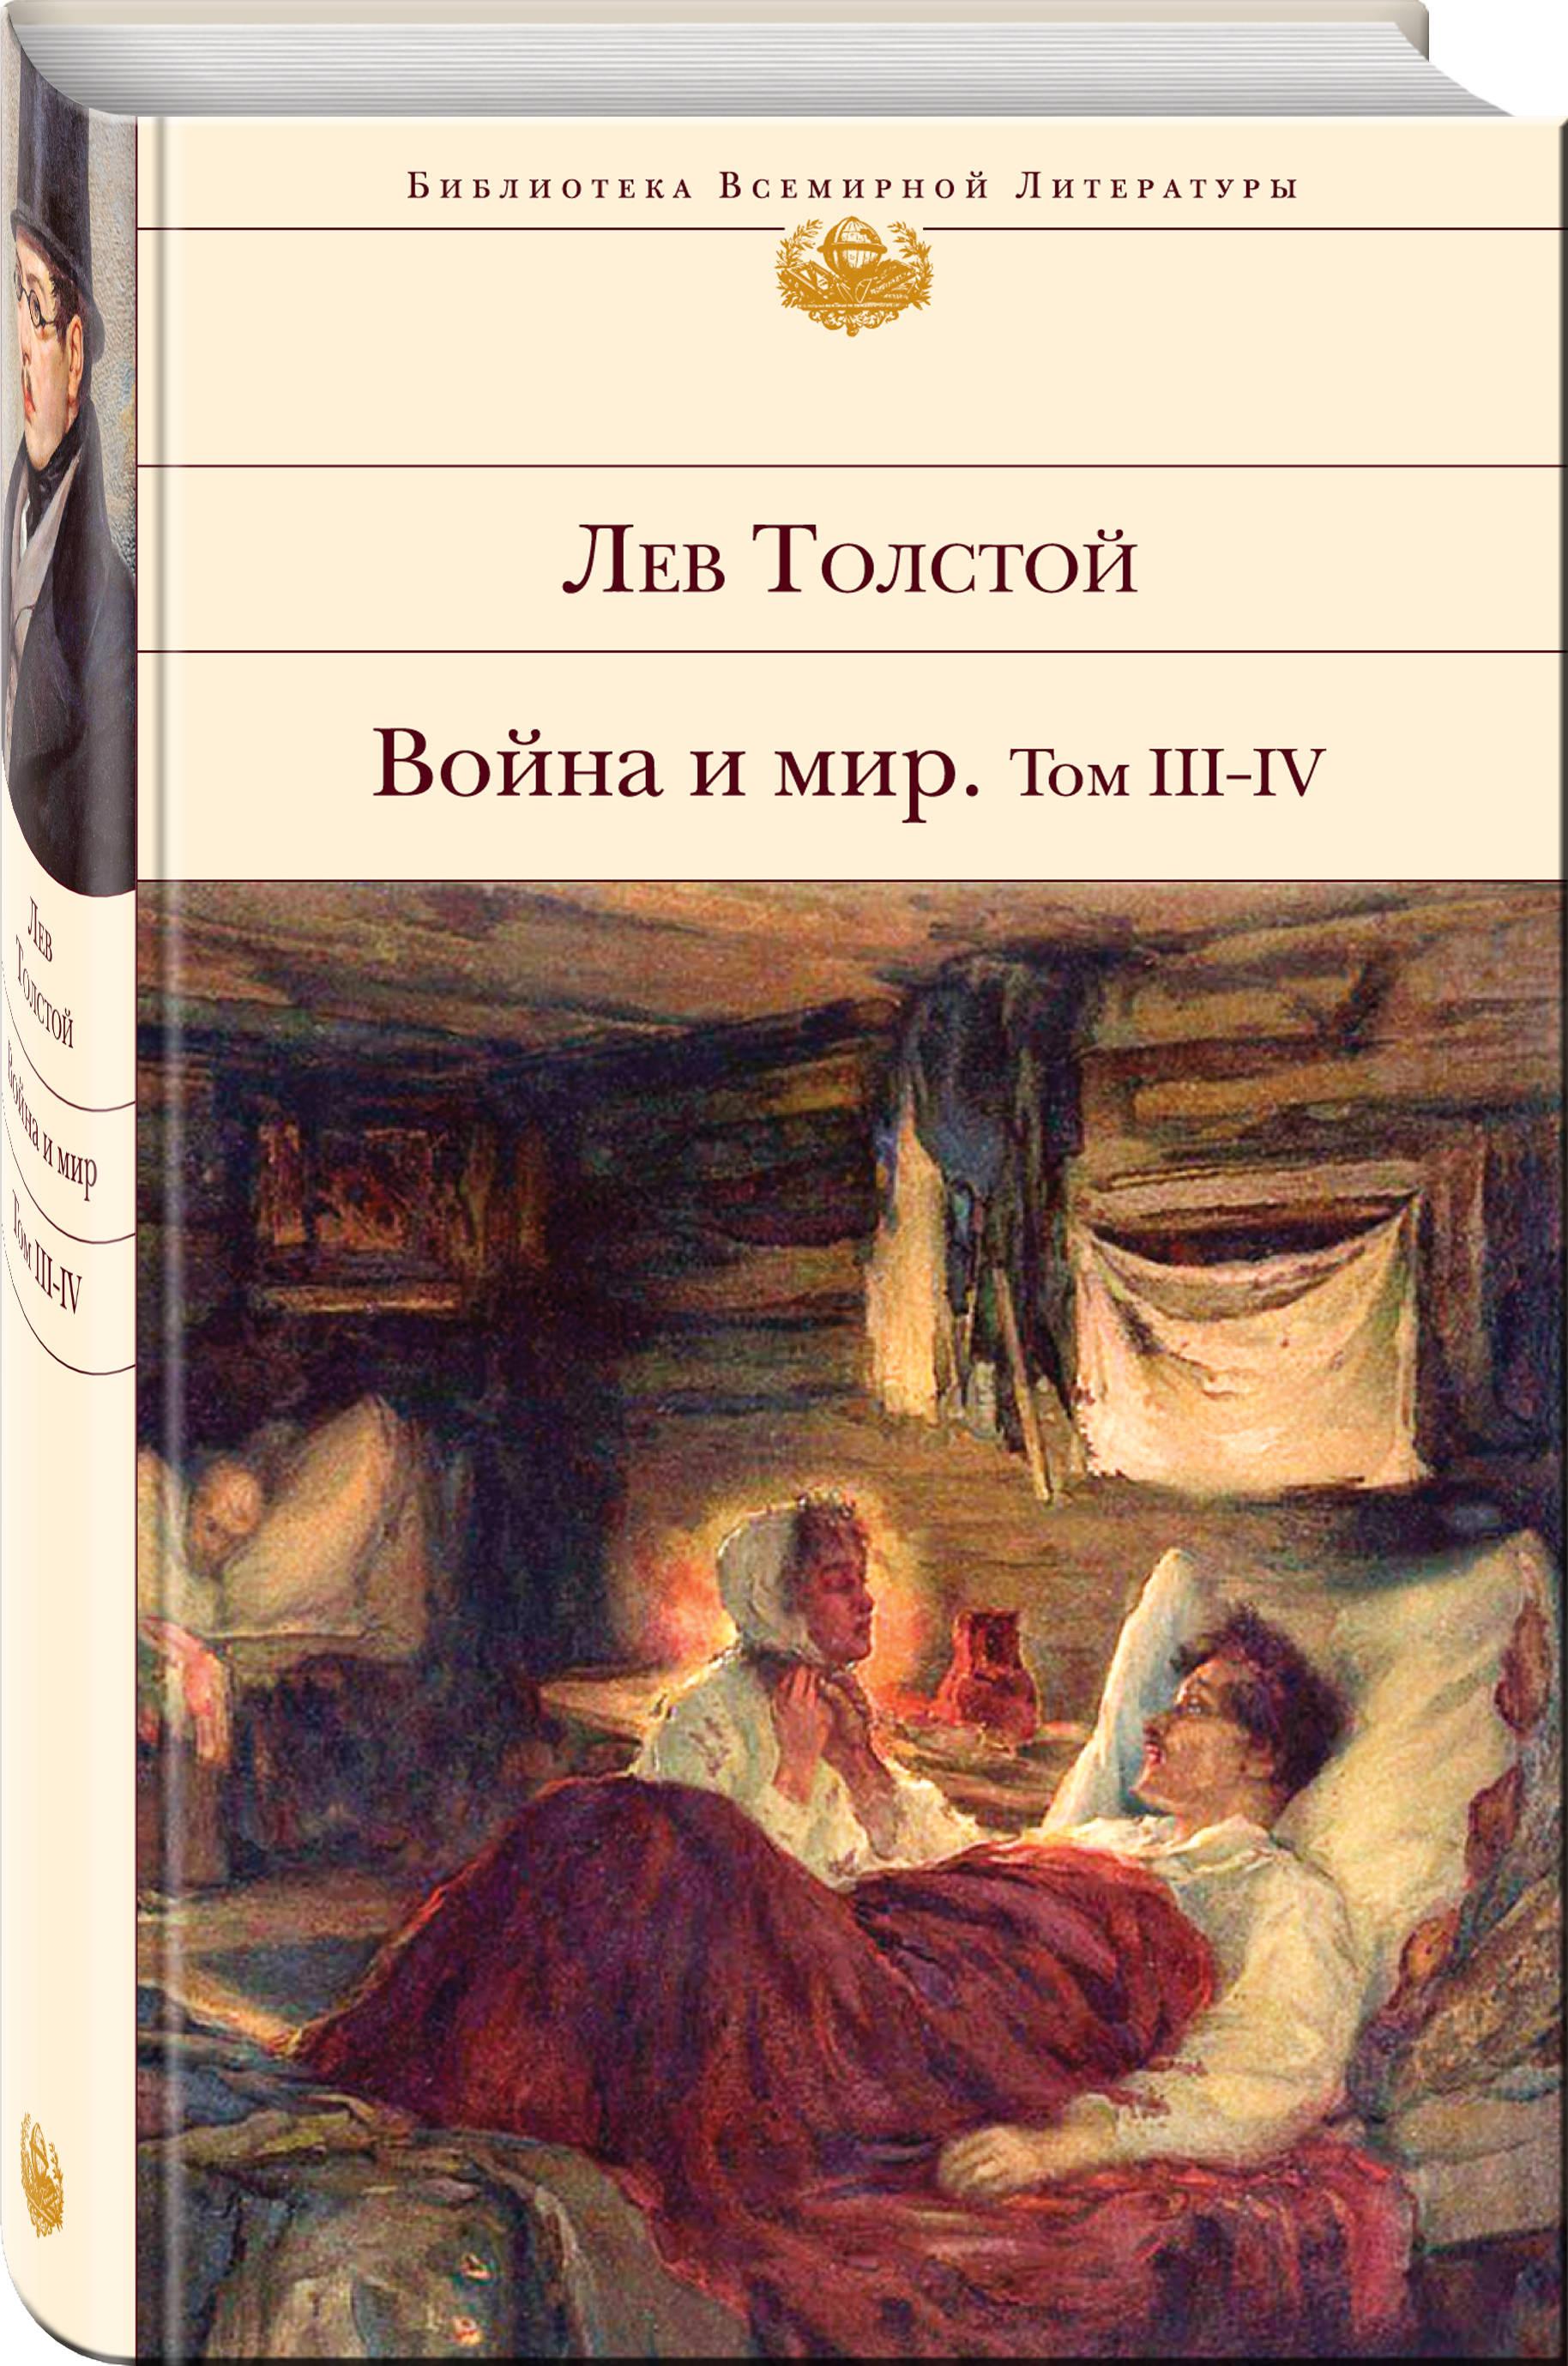 Толстой Лев Николаевич Война и мир. Том III-IV